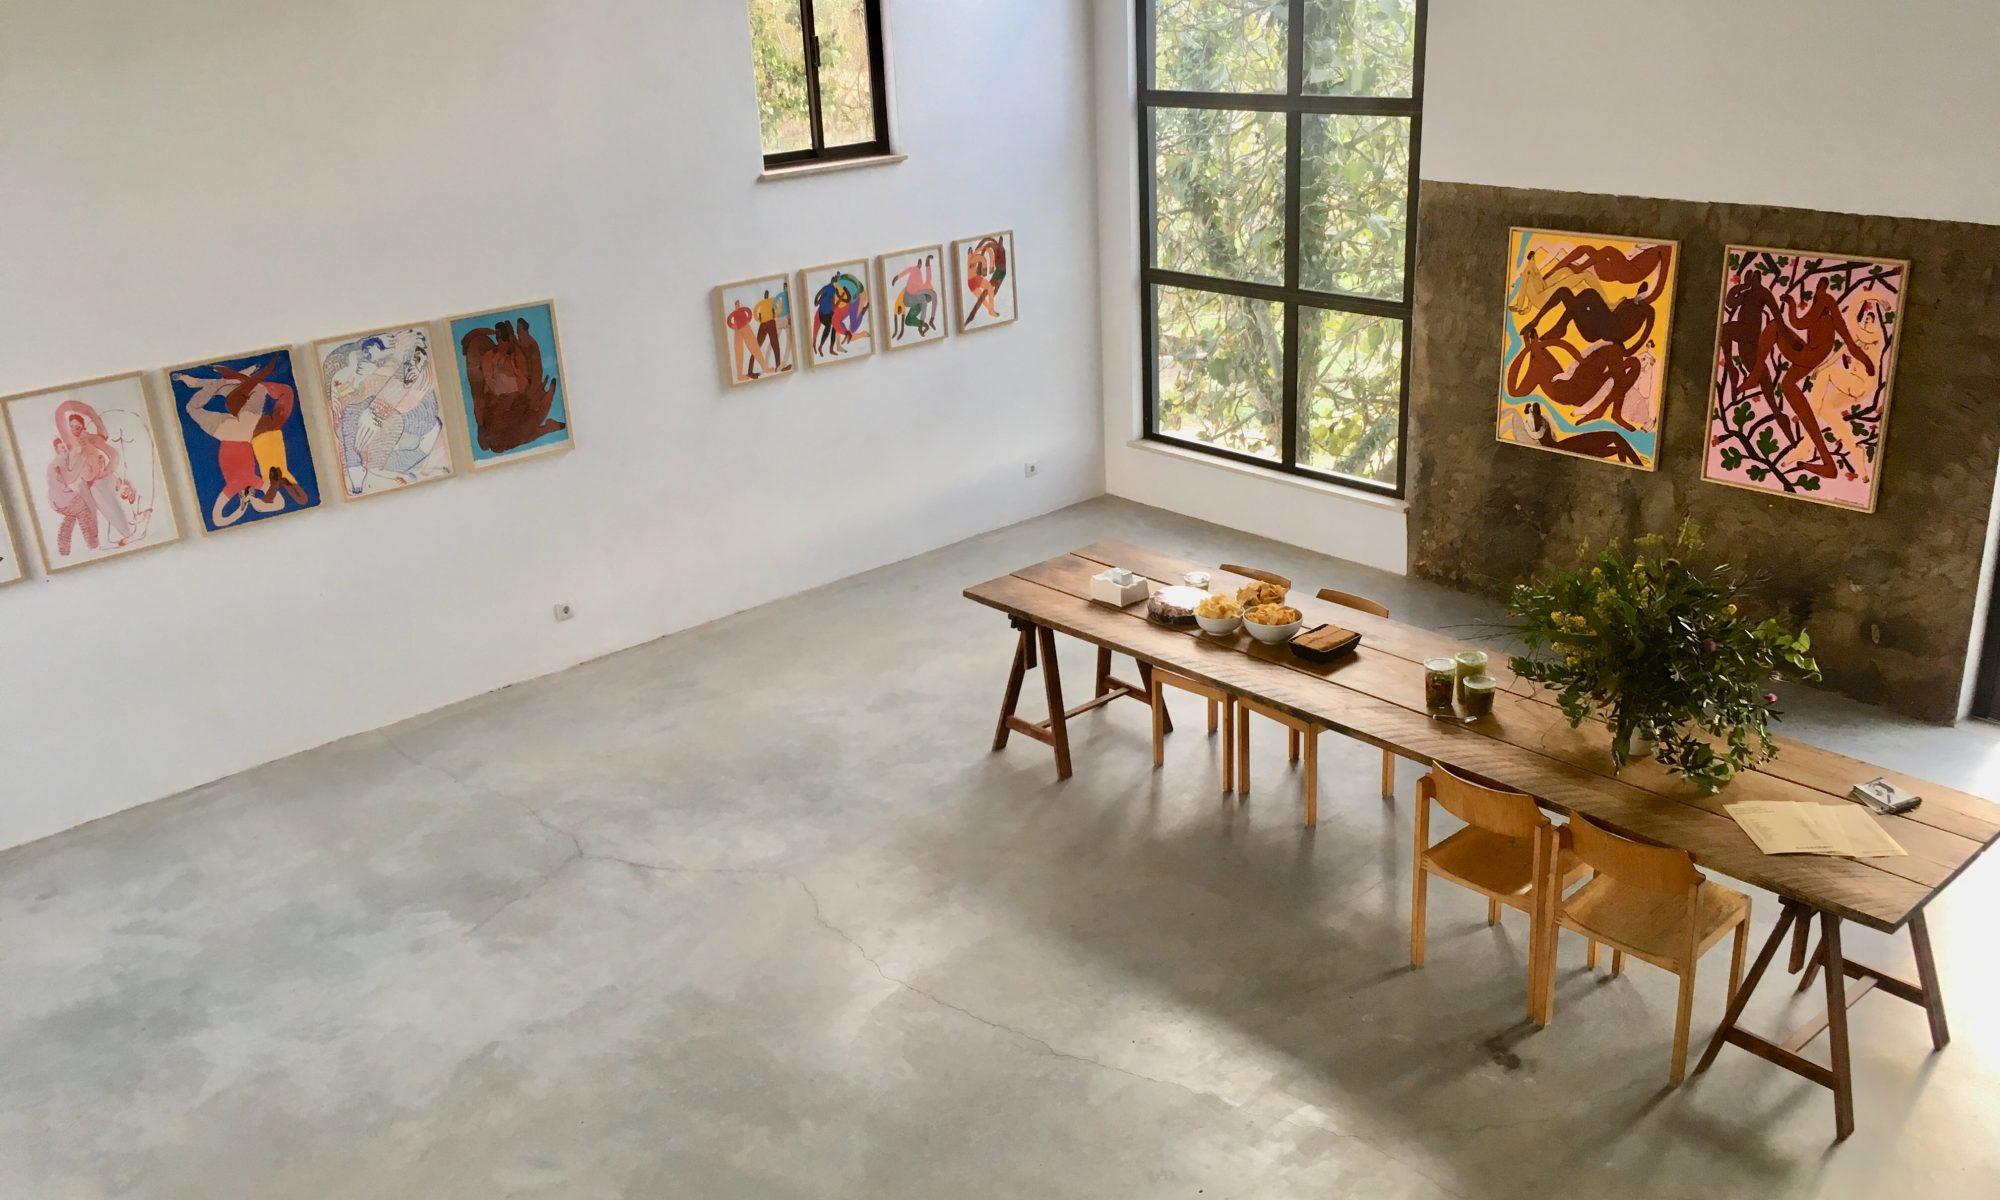 the-holdout-galeria-areeiro-til-magazine